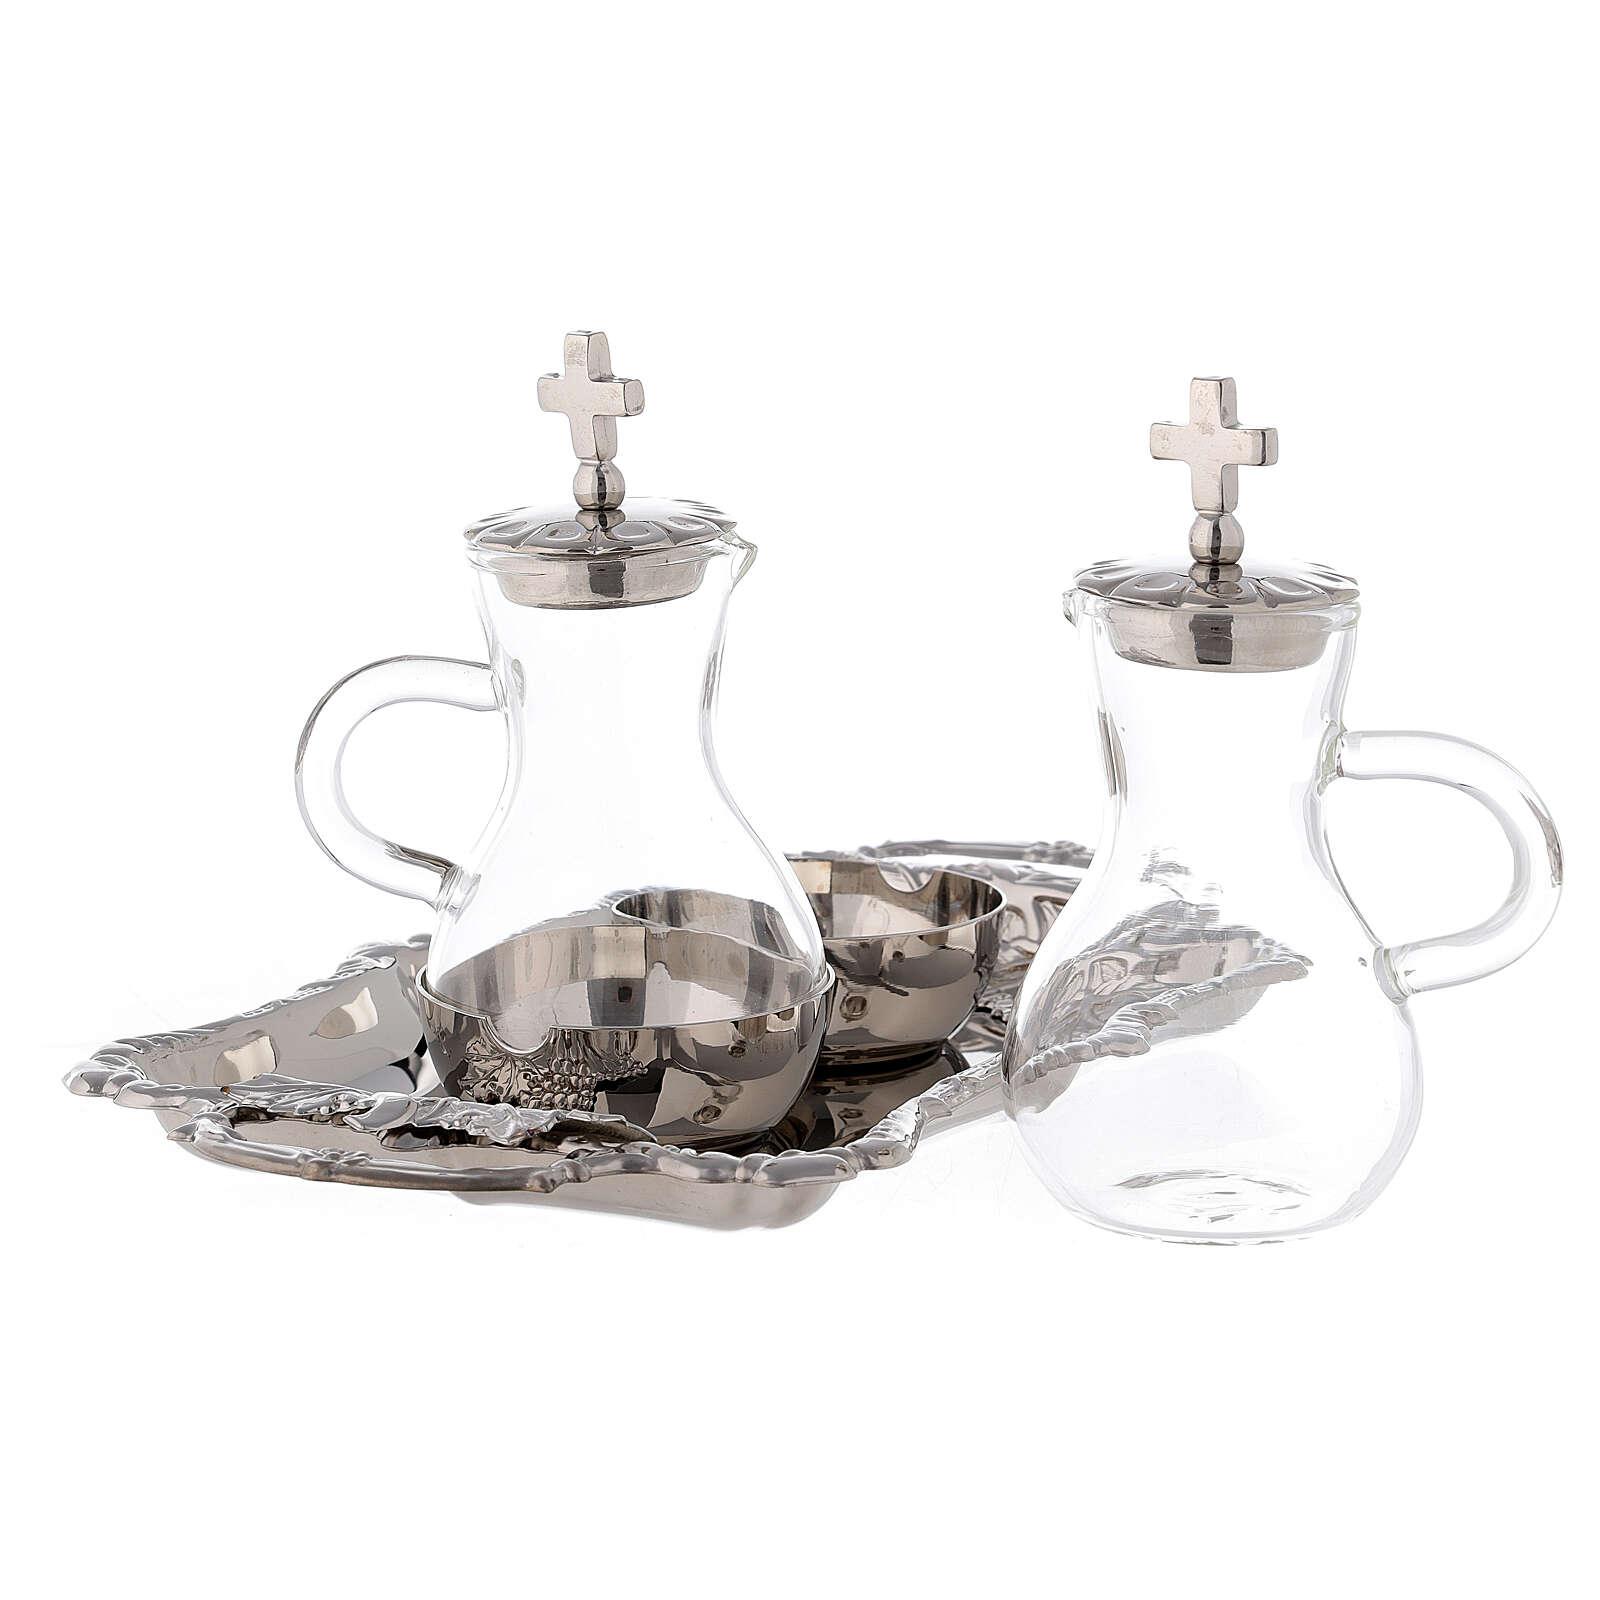 Coppia brocchette acqua e vino ottone nichelato modello Parma ml 75 4